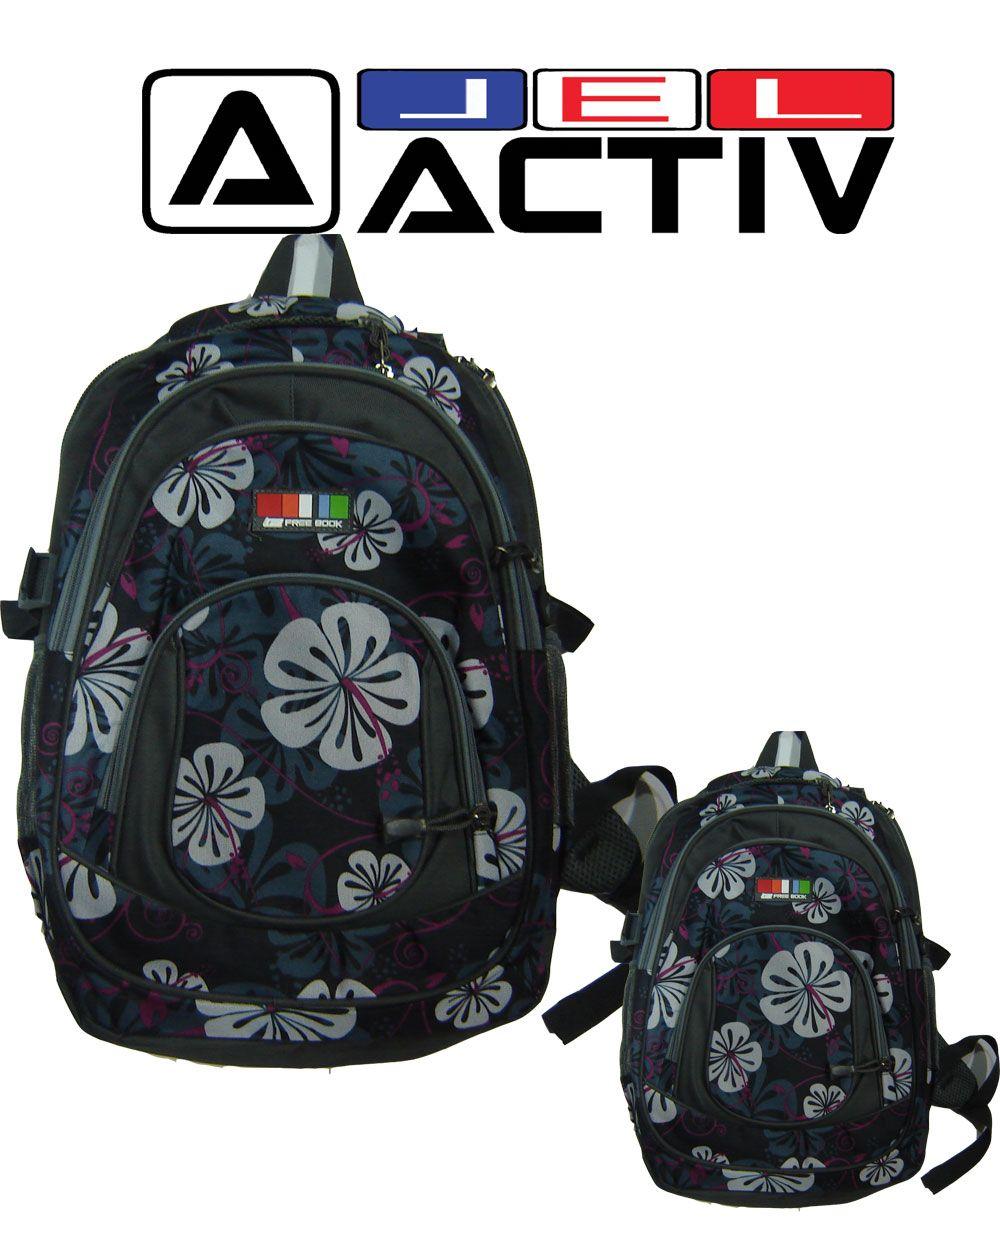 تخفيض كبير على موديلات الشنط من اكتف فى جميع الفروع السعر 150 بدلا من 220 جنيه Bags Backpacks Fashion